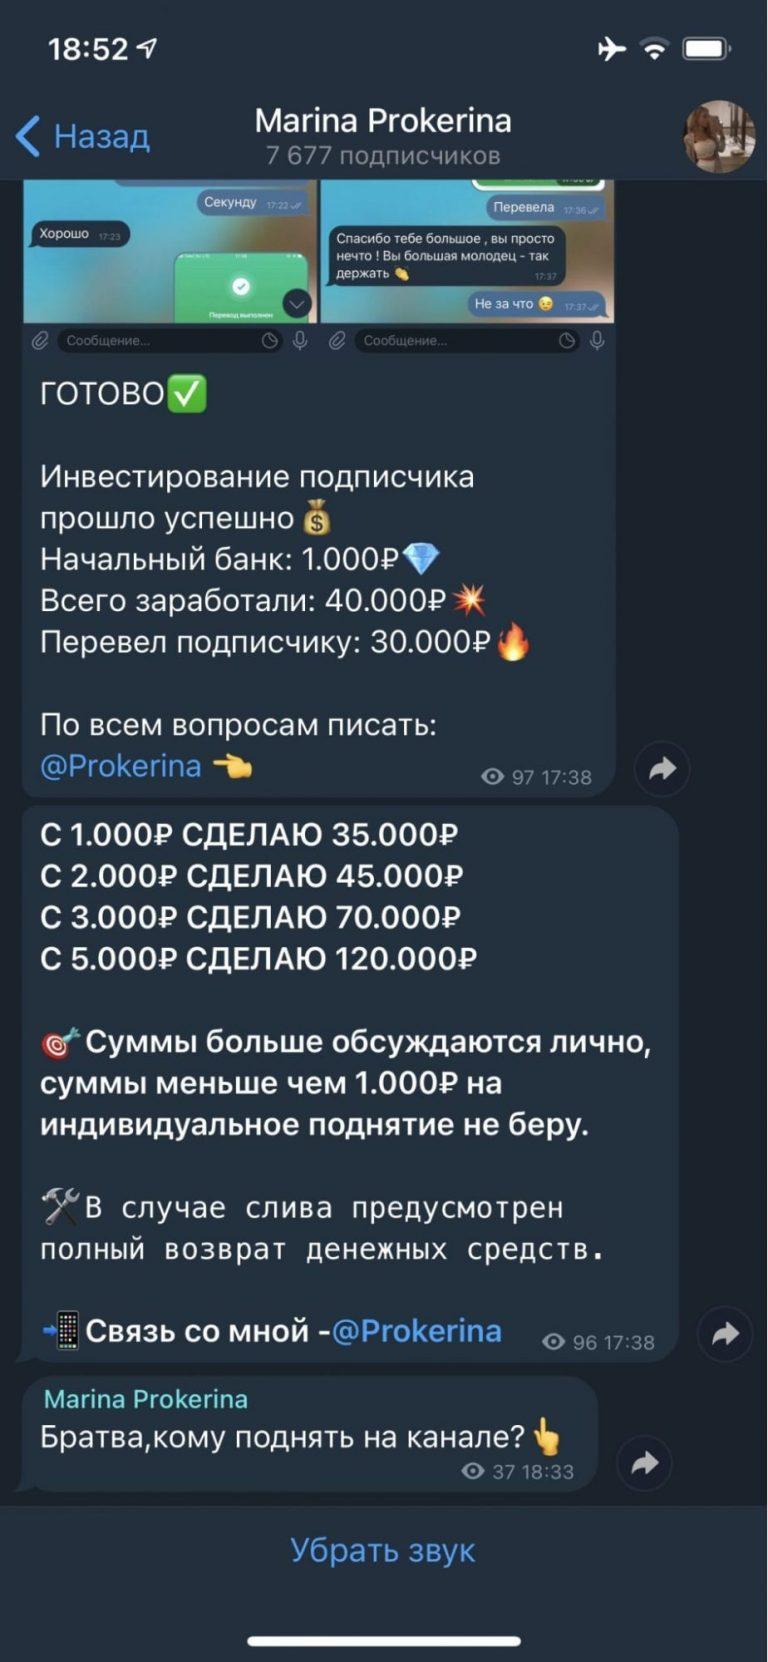 Марина Прокерина - раскрутка счета